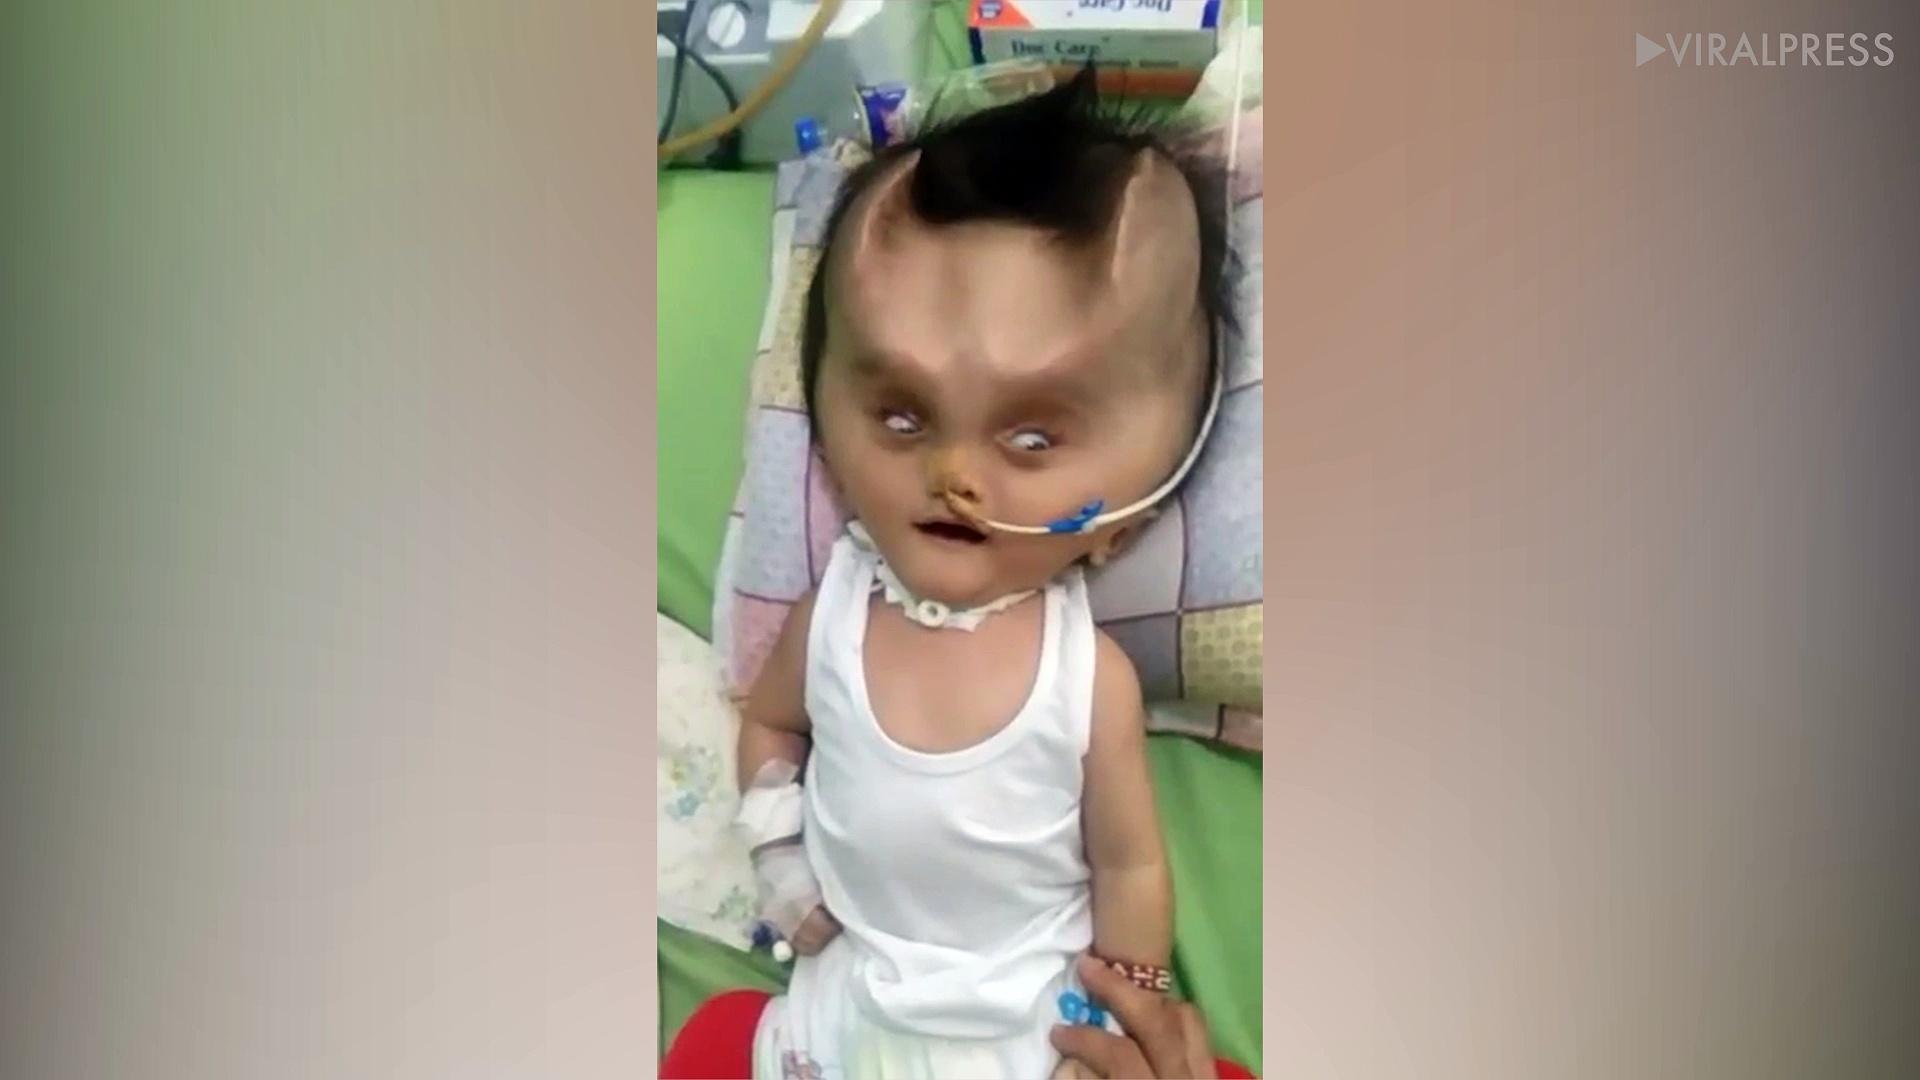 Filipino Toddler Has Devil Horns